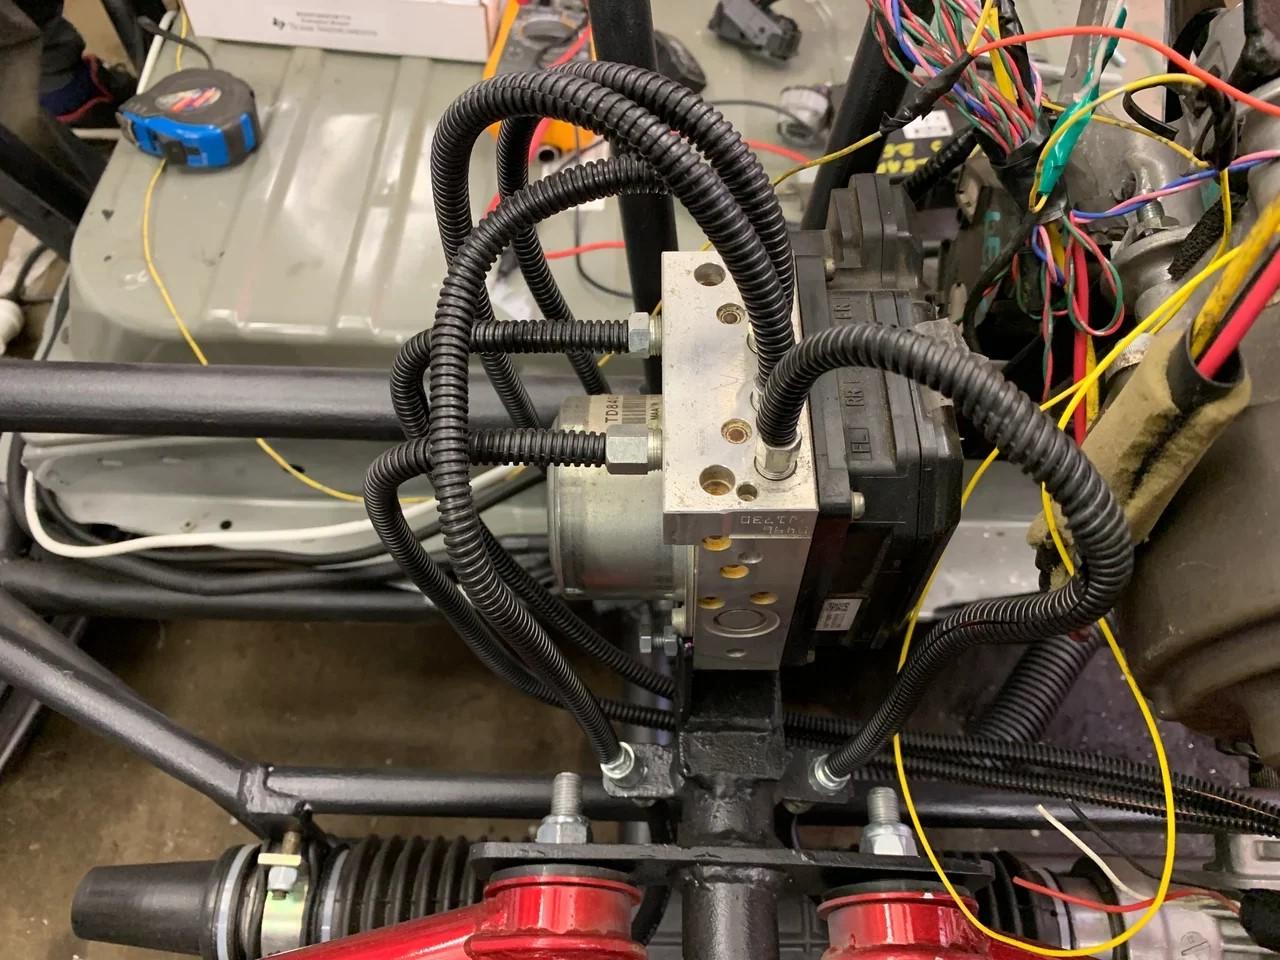 Как сделать самодельный электрический багги с мощным мотором. Часть 3. Тормоза, охлаждение, сидения, селектор, улица - 4